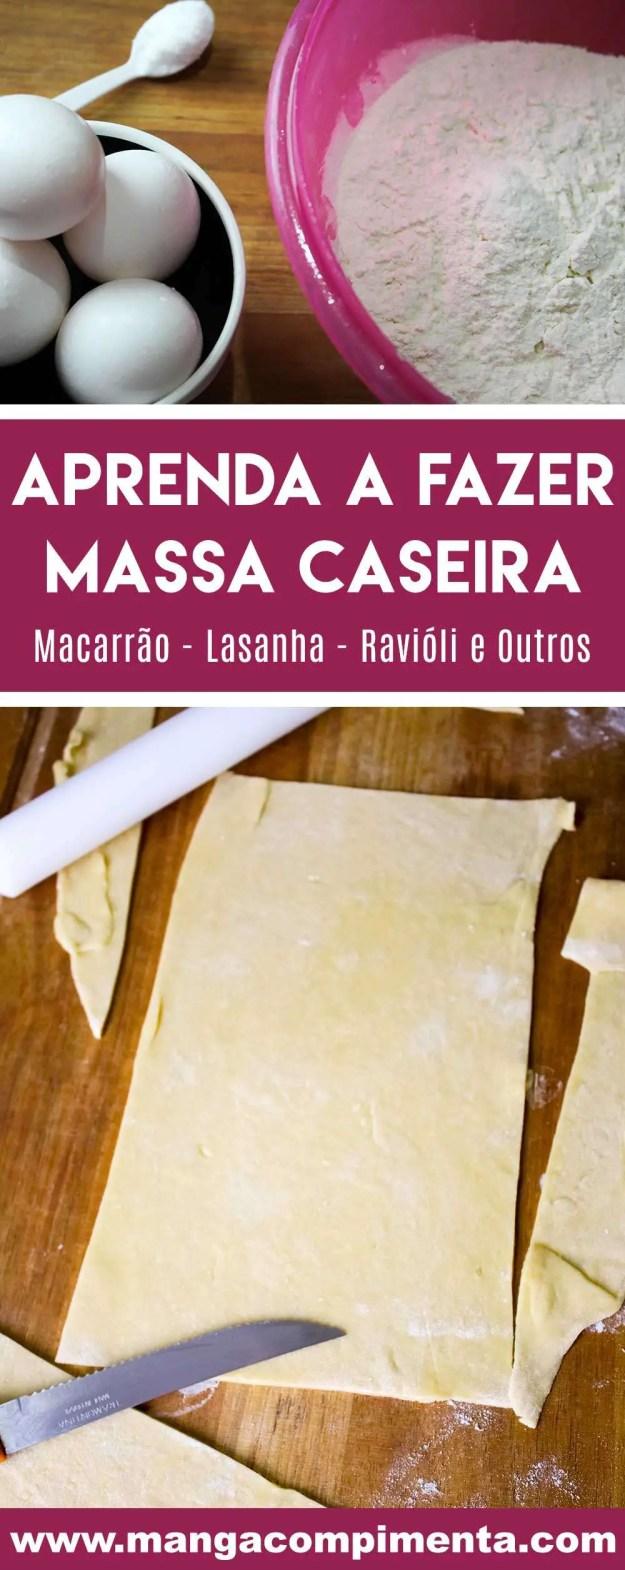 Receita de Massa Caseira - prepare em casa Macarrão, Lasanha, Ravióli, entre outros!